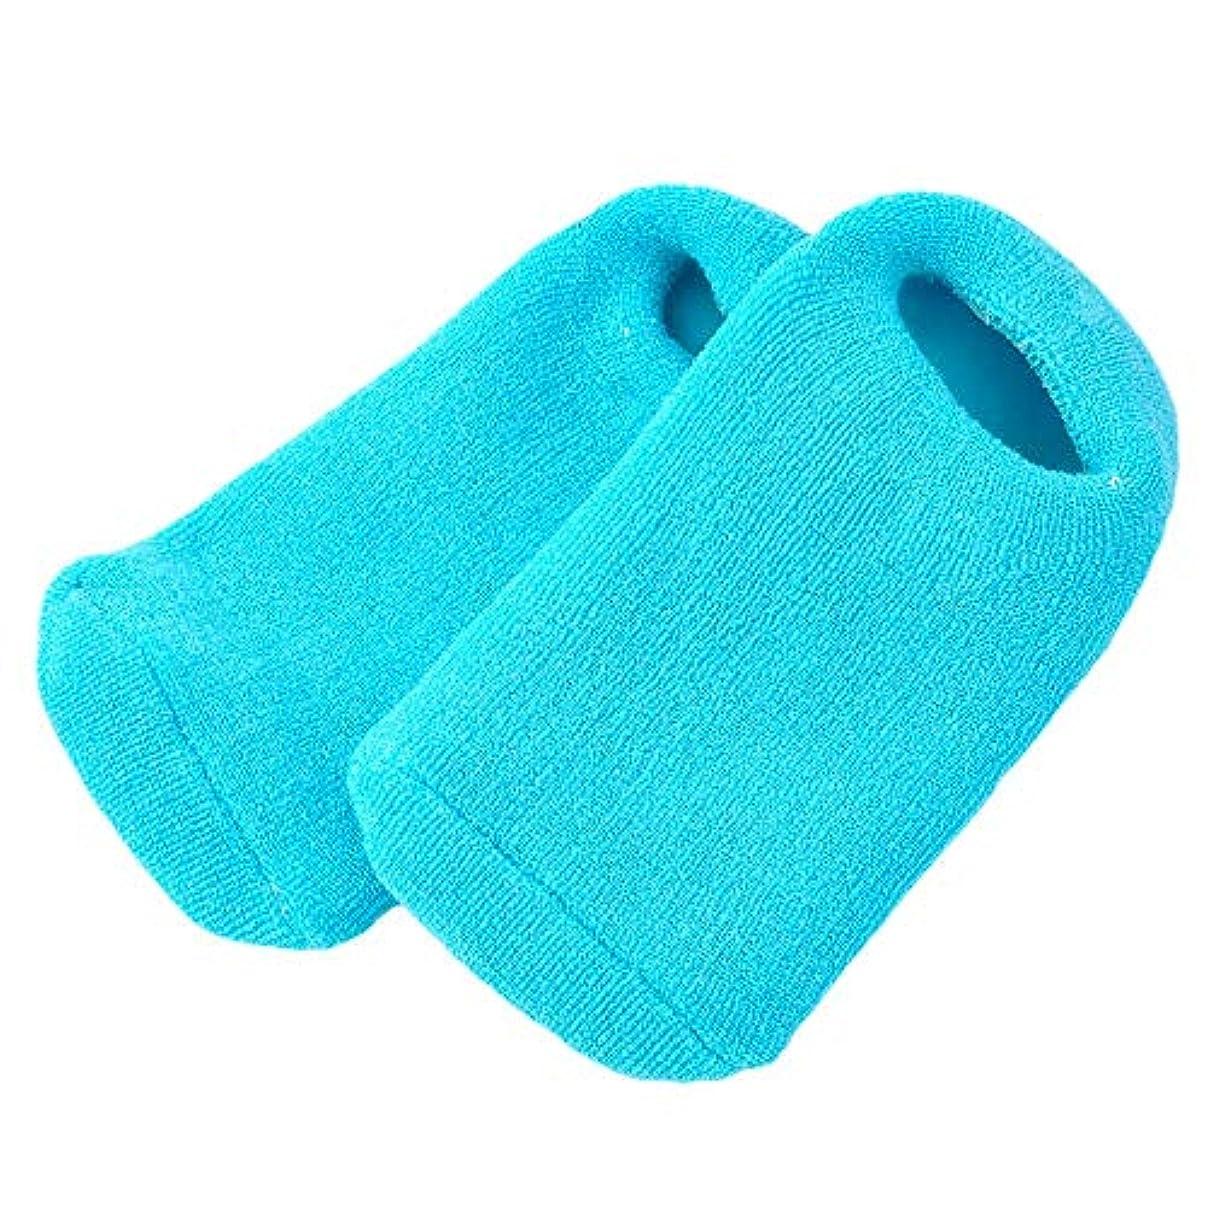 光沢のあるウッズエンドテーブルPinkiou 靴下 ソックス ジェル 素肌 足元 つま先 かかと 潤い 眠れる森のぷるジェル